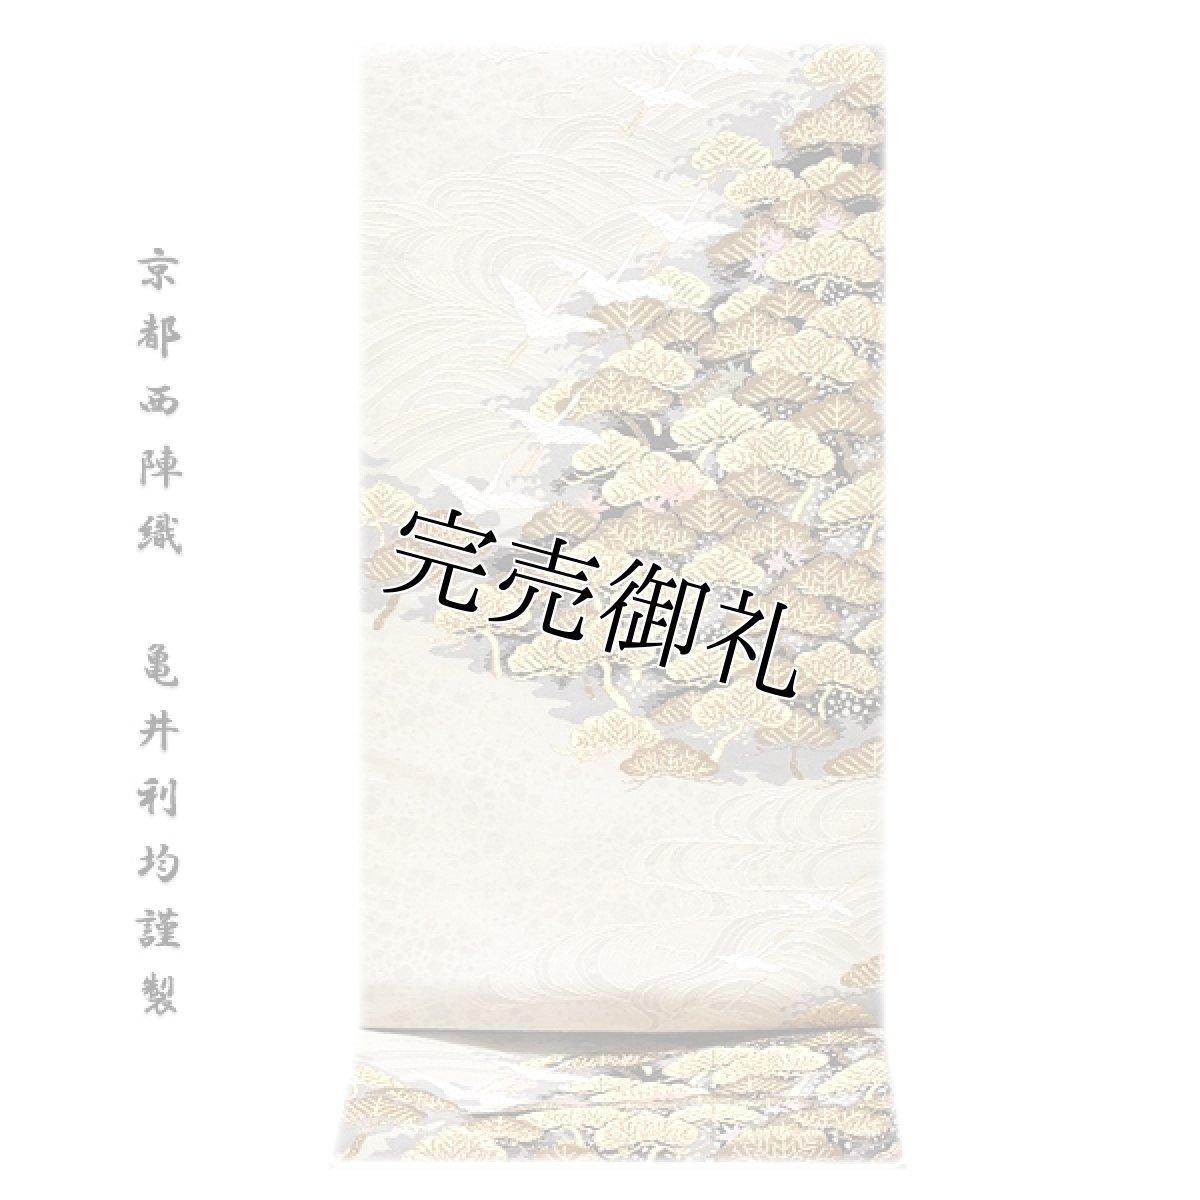 画像1: ■【訳あり】「京都西陣織:亀井利均謹製」 松に飛び鶴 金糸織 正絹 袋帯■ (1)